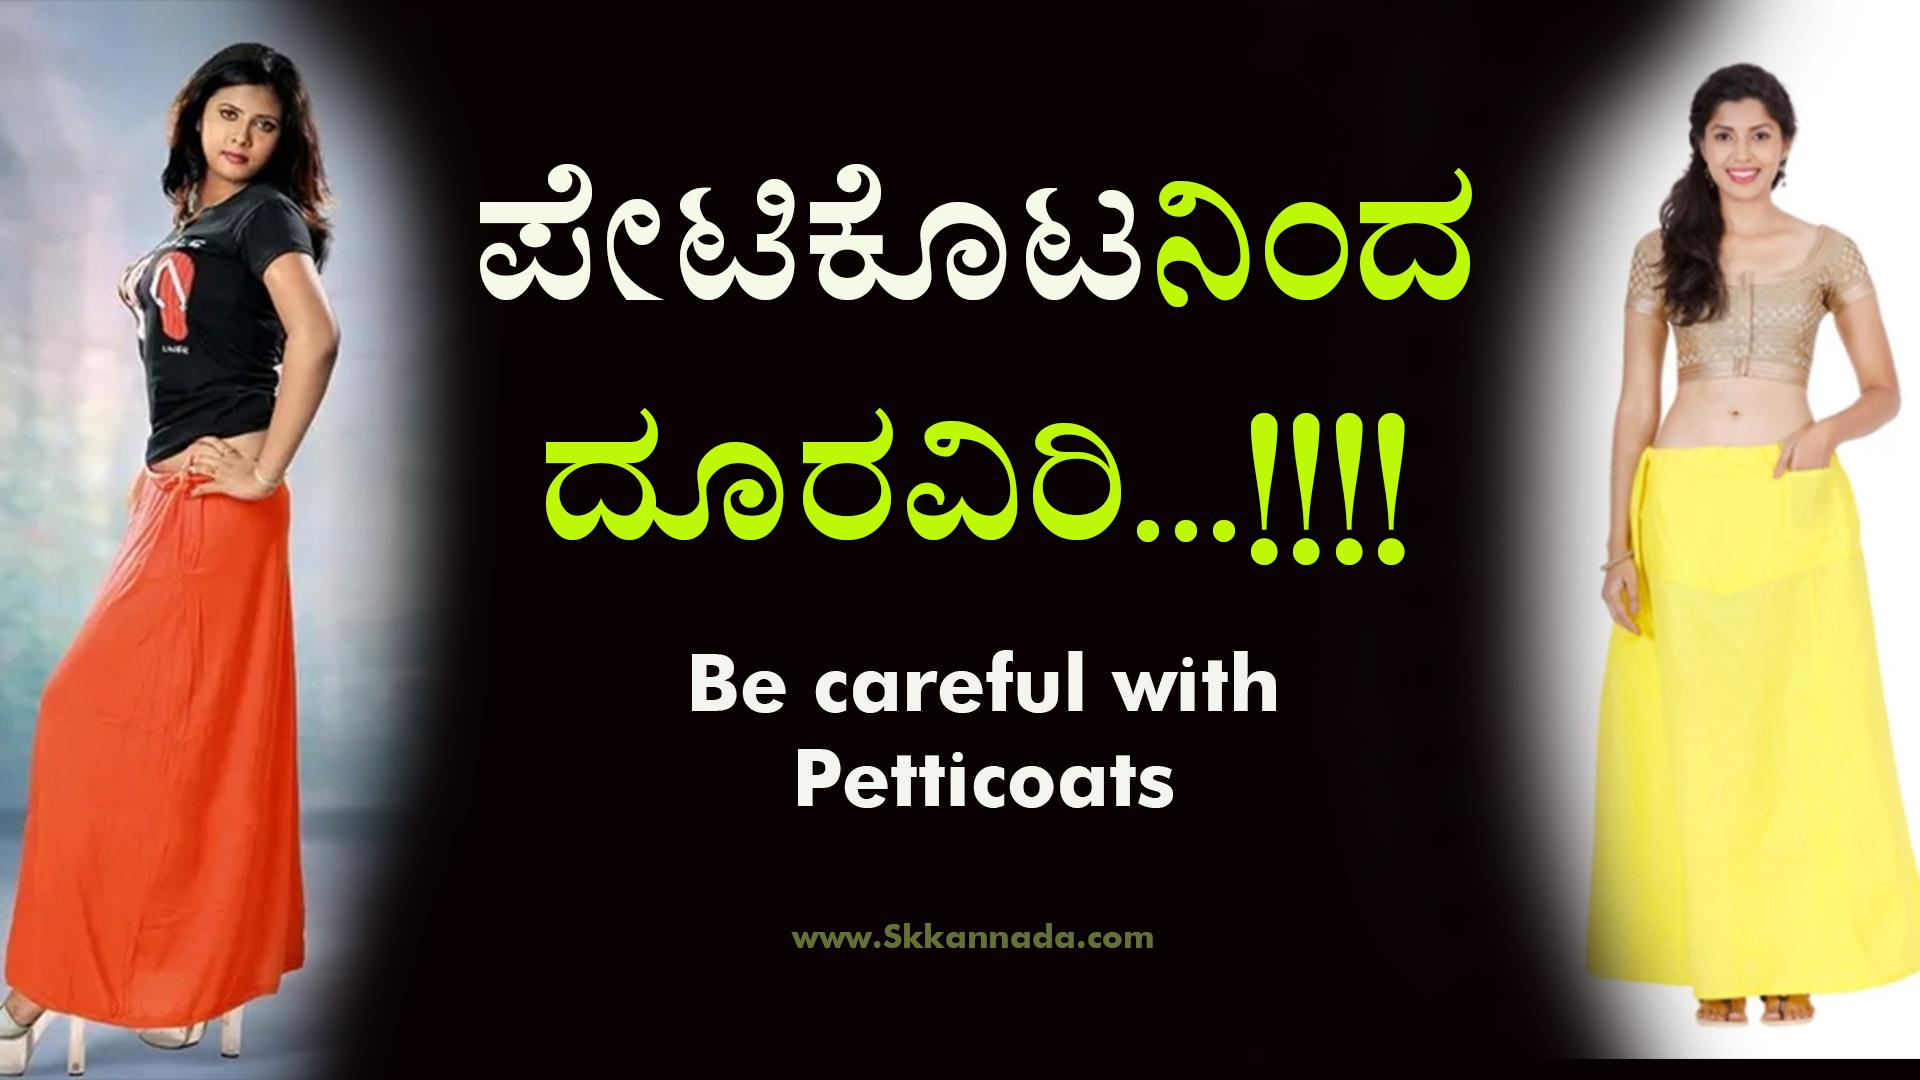 ಪೇಟಿಕೊಟನಿಂದ ದೂರವಿರಿ : Be careful with Petticoats